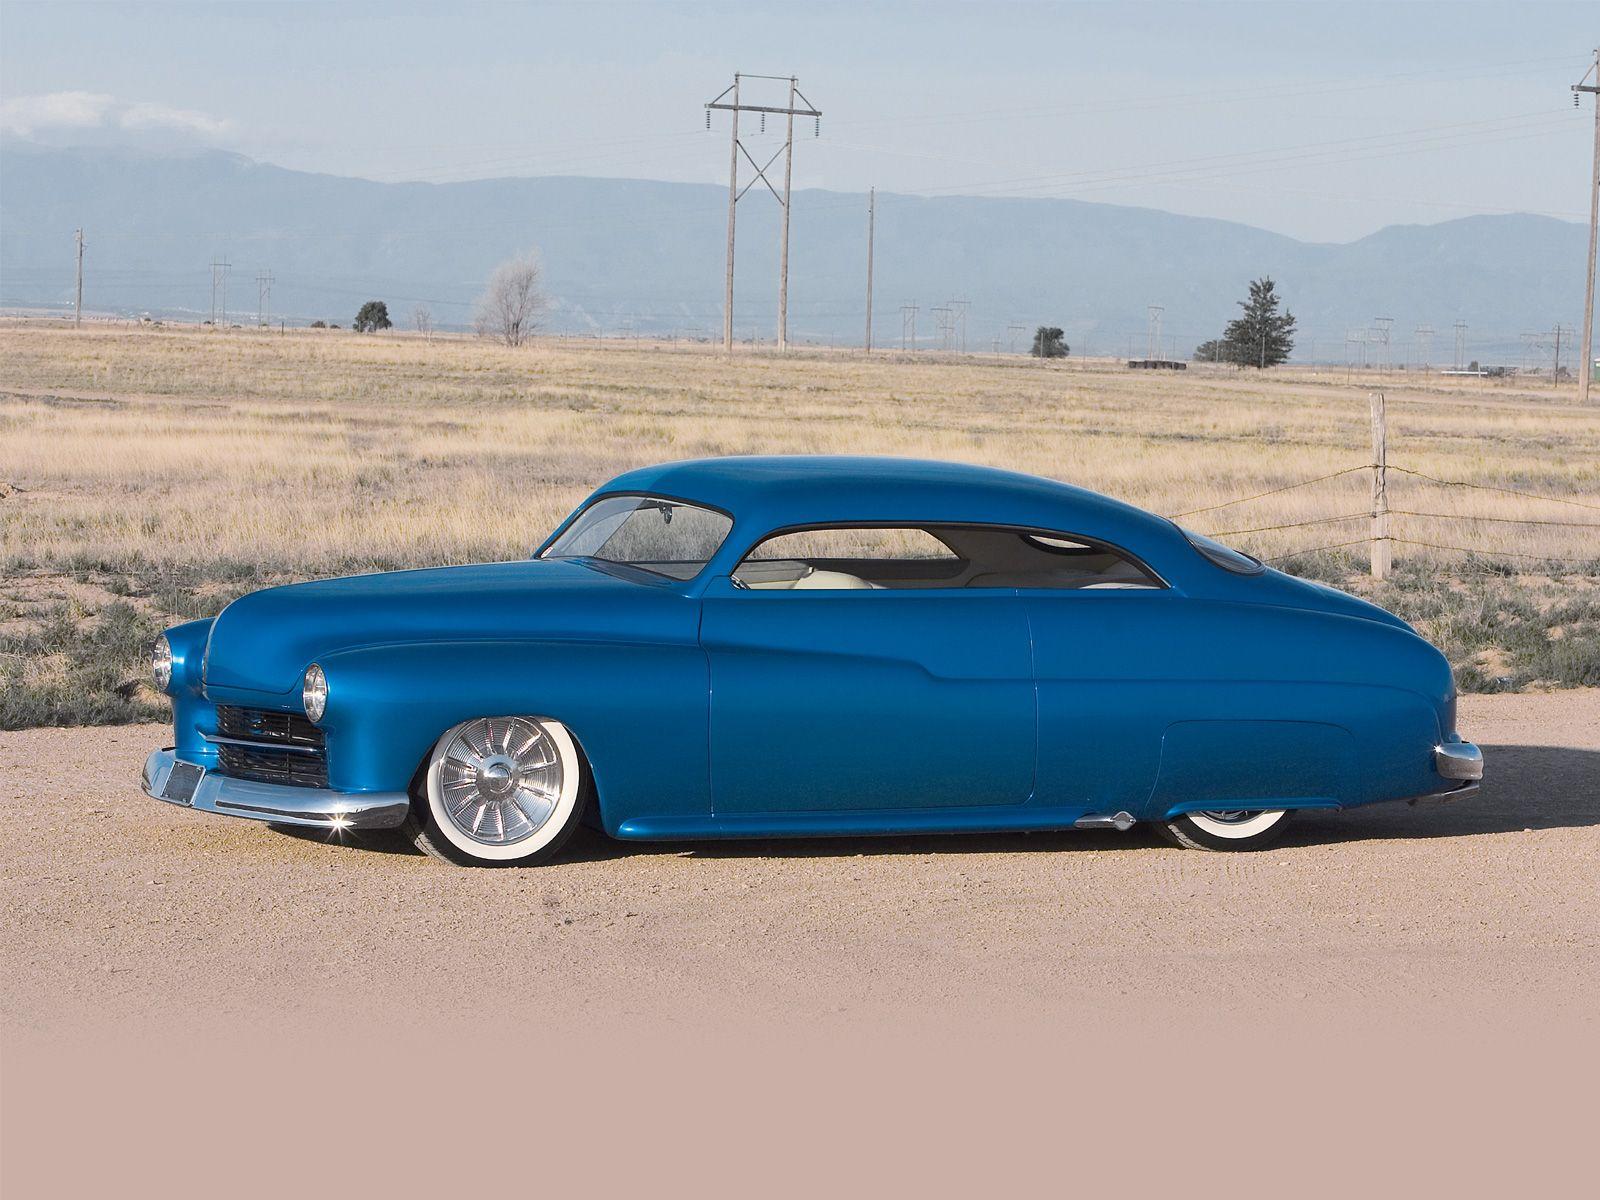 1950 mercury custom side cars mercury cars custom cars cars. Black Bedroom Furniture Sets. Home Design Ideas